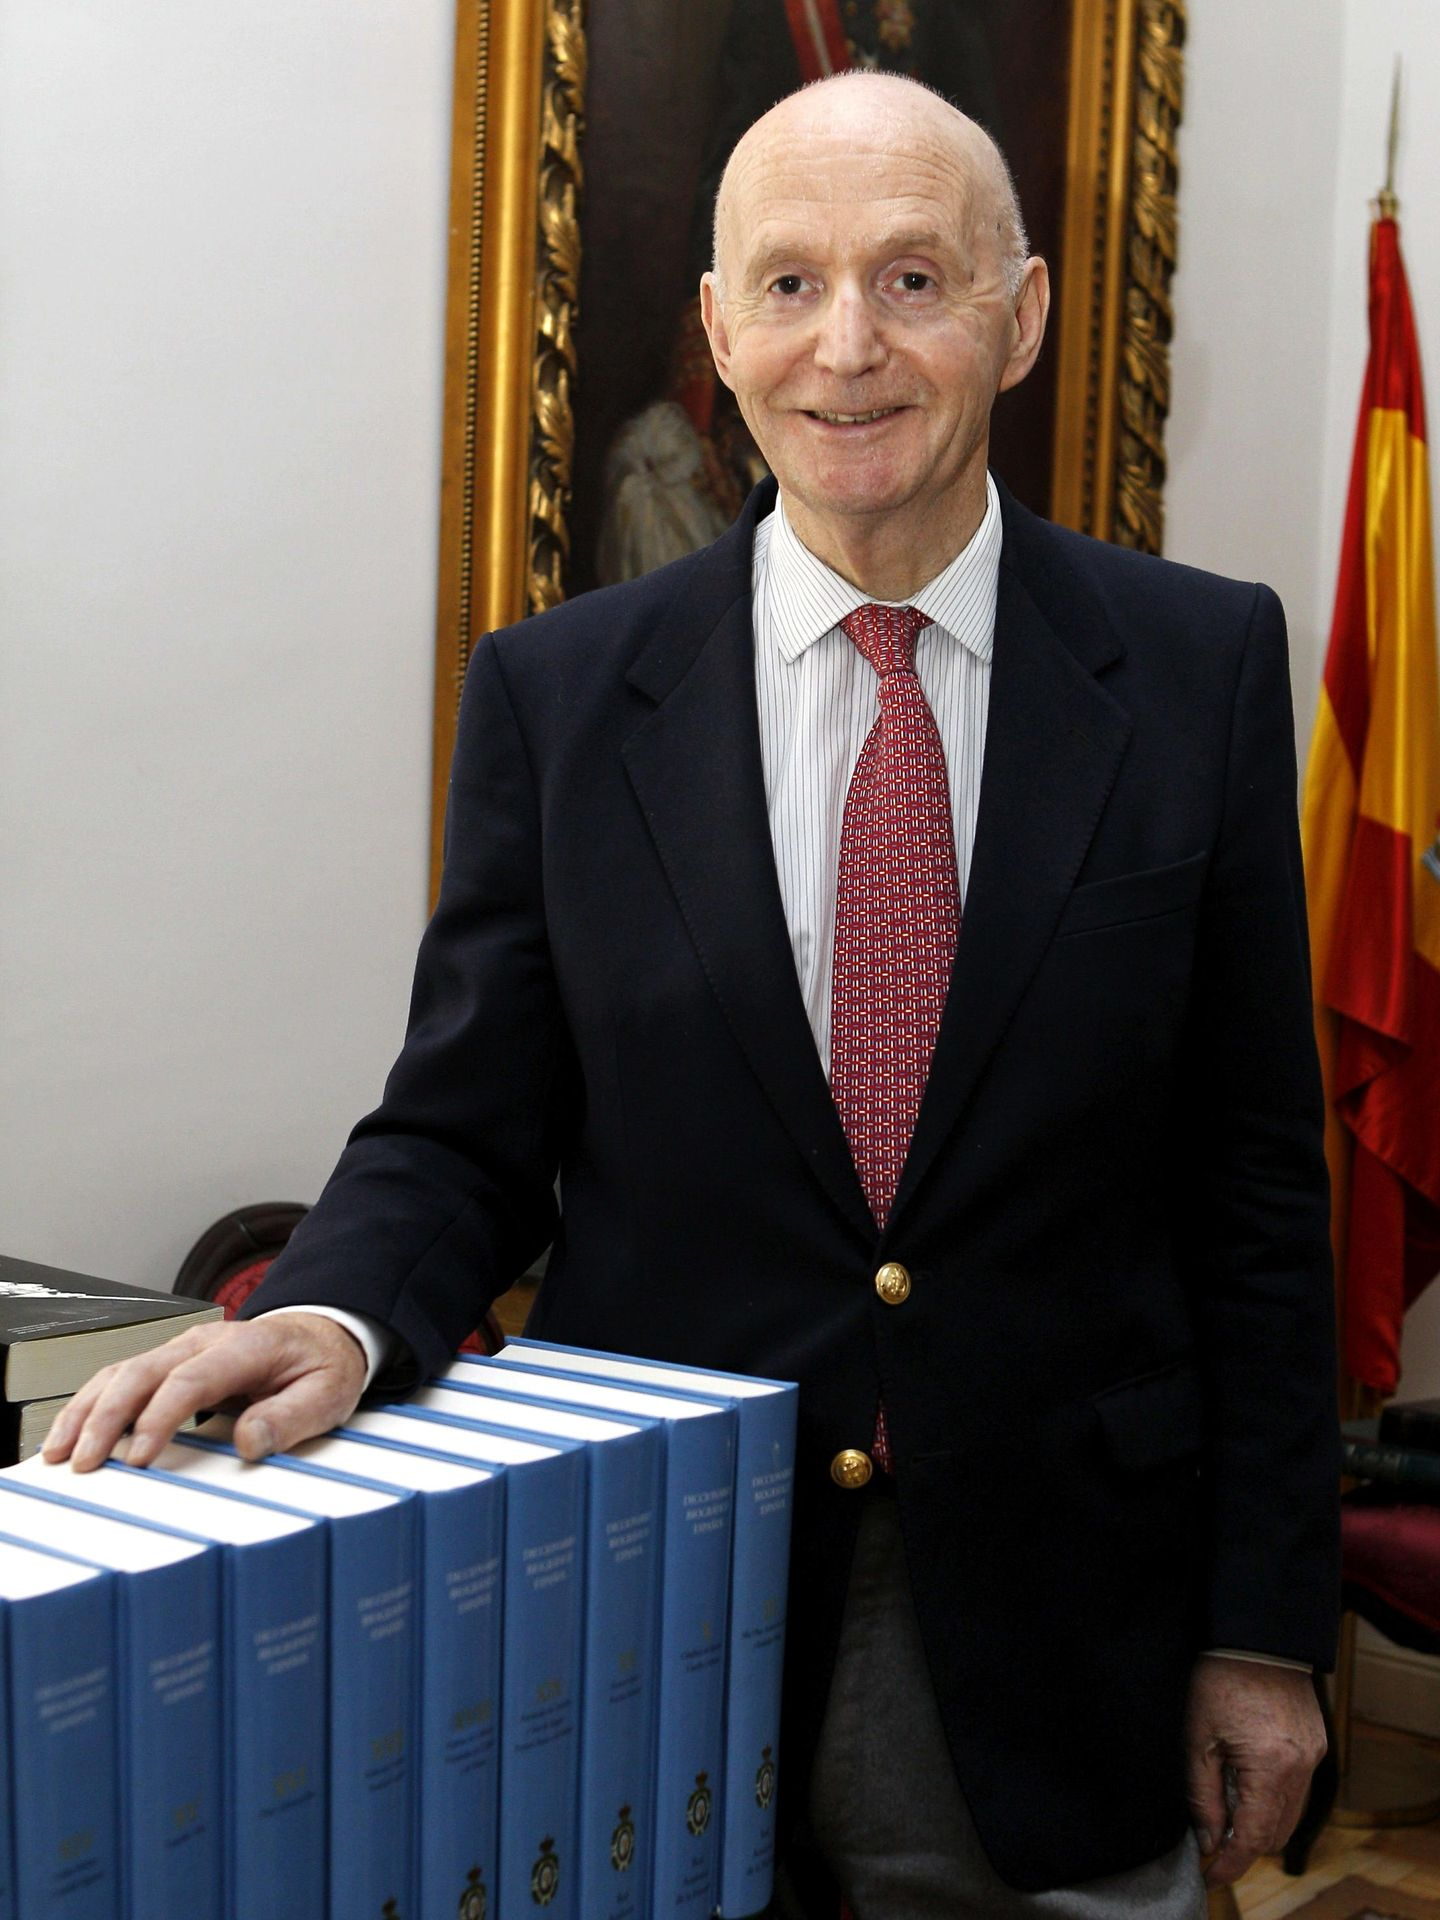 Fallece el director de la real academia de la historia, gonzalo anes